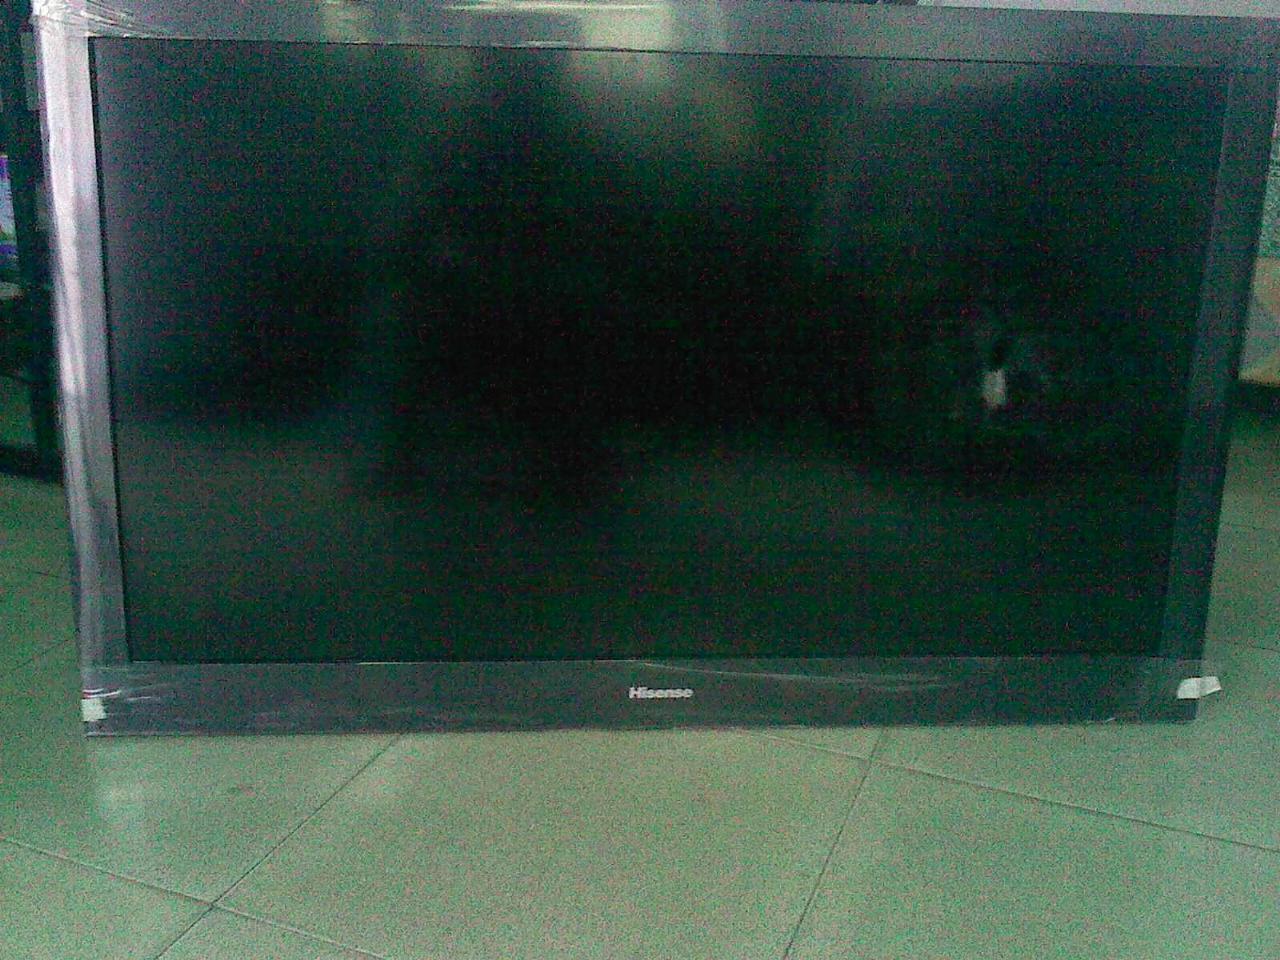 海信42寸液晶电视机 全新